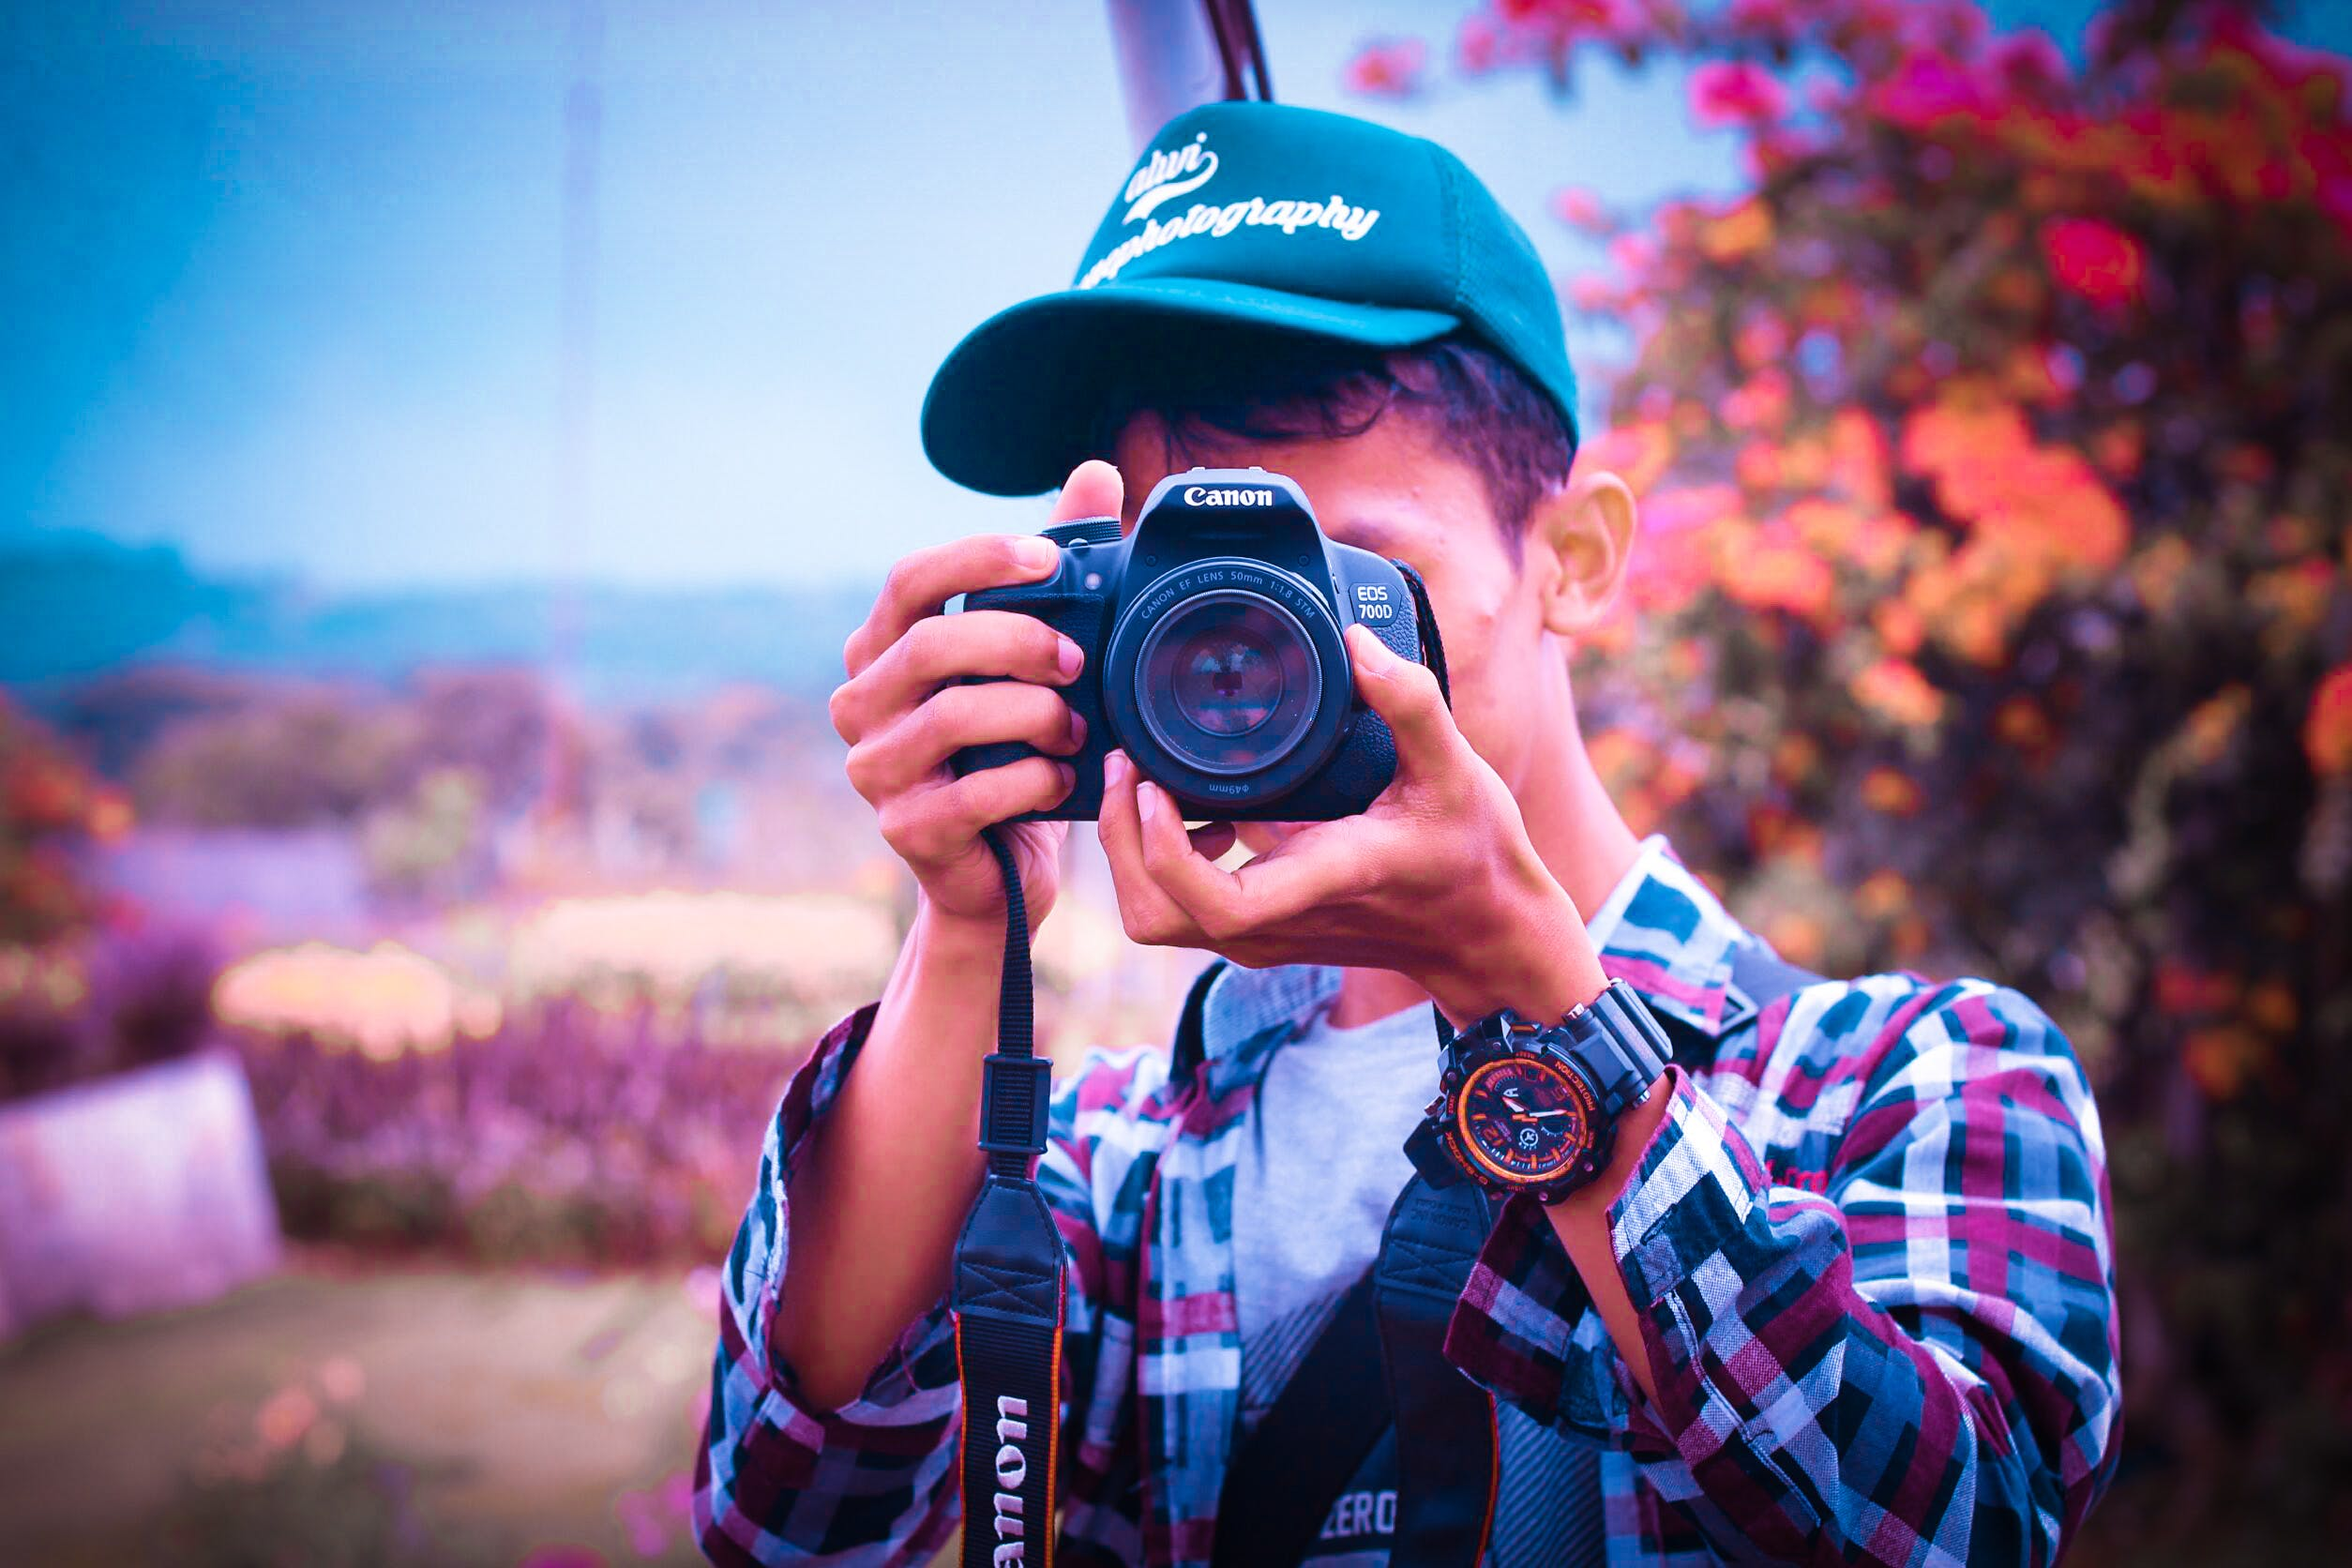 Gratis arkivbilde med canon, caps, digitalt speilreflekskamera, dybdeskarphet